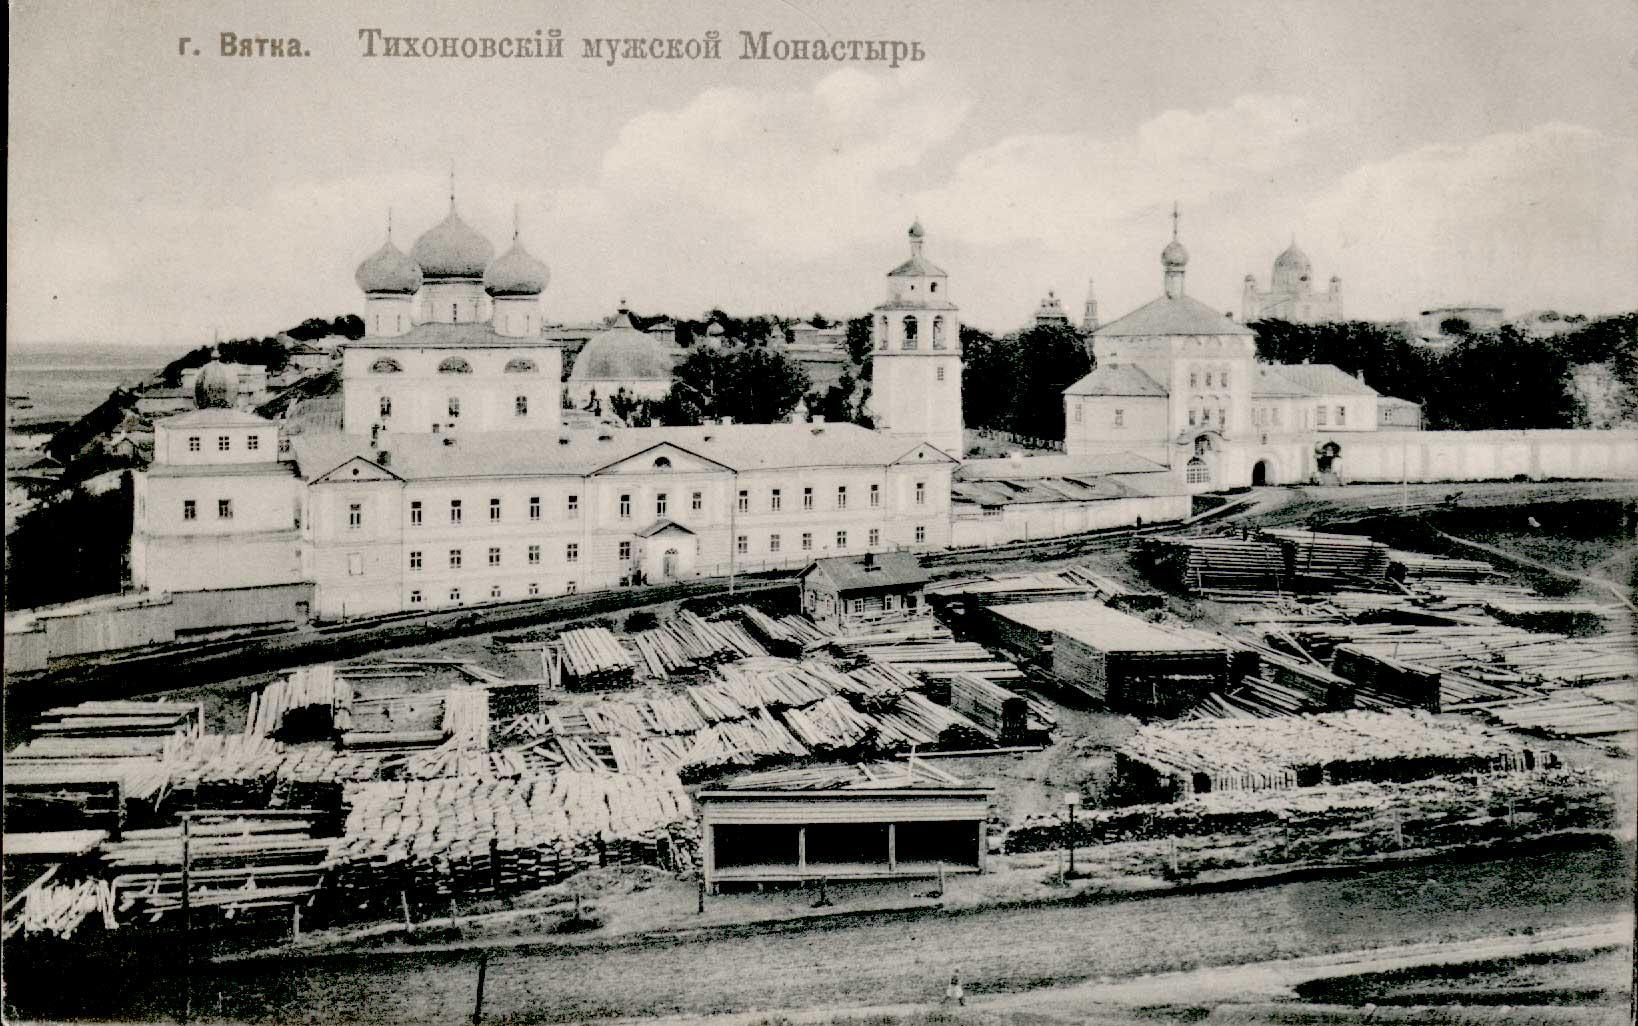 Тихоновский мужской монастырь